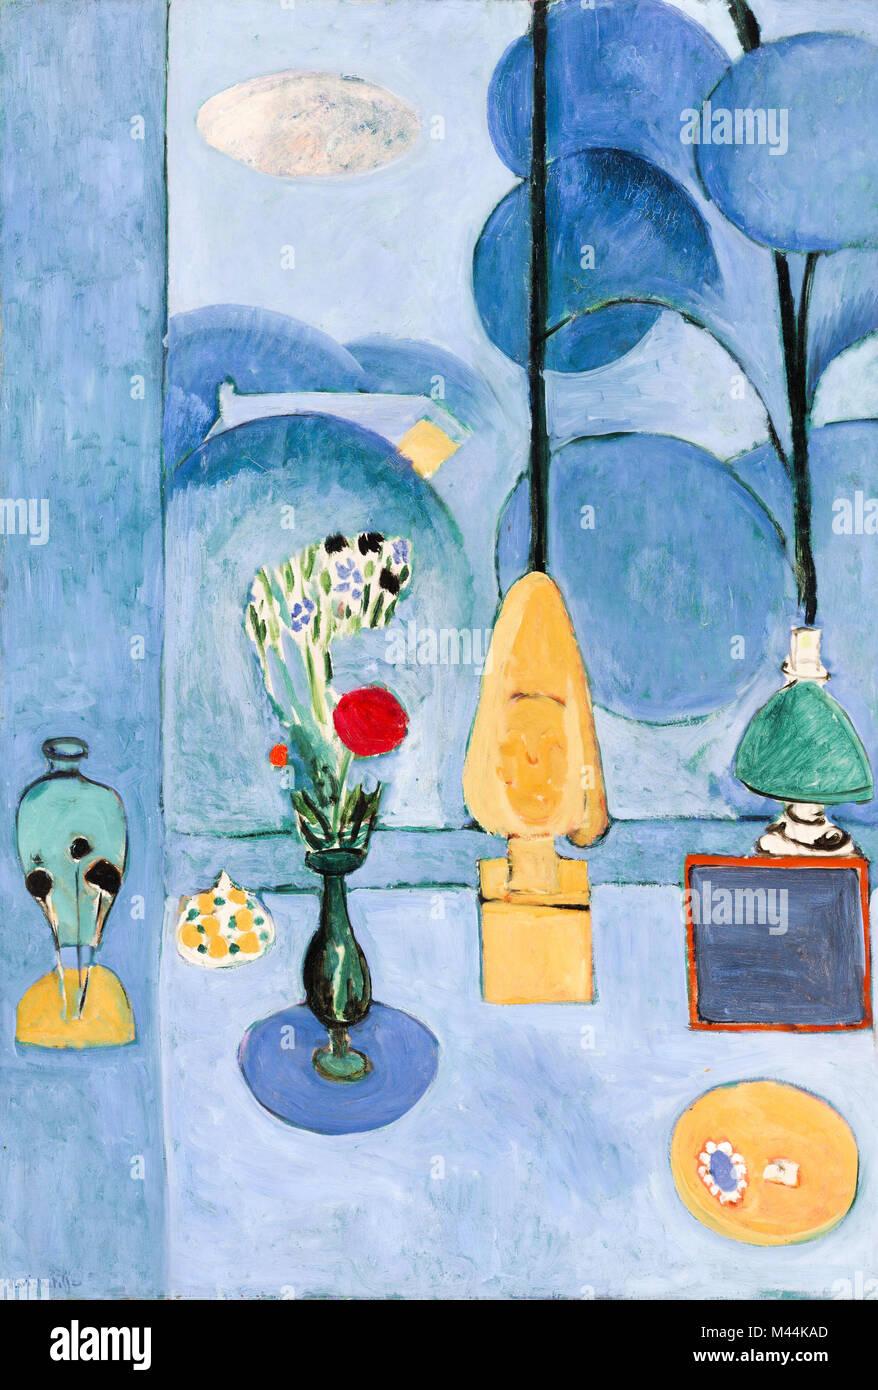 matisse museum modern art stock photos matisse museum modern art stock images alamy. Black Bedroom Furniture Sets. Home Design Ideas